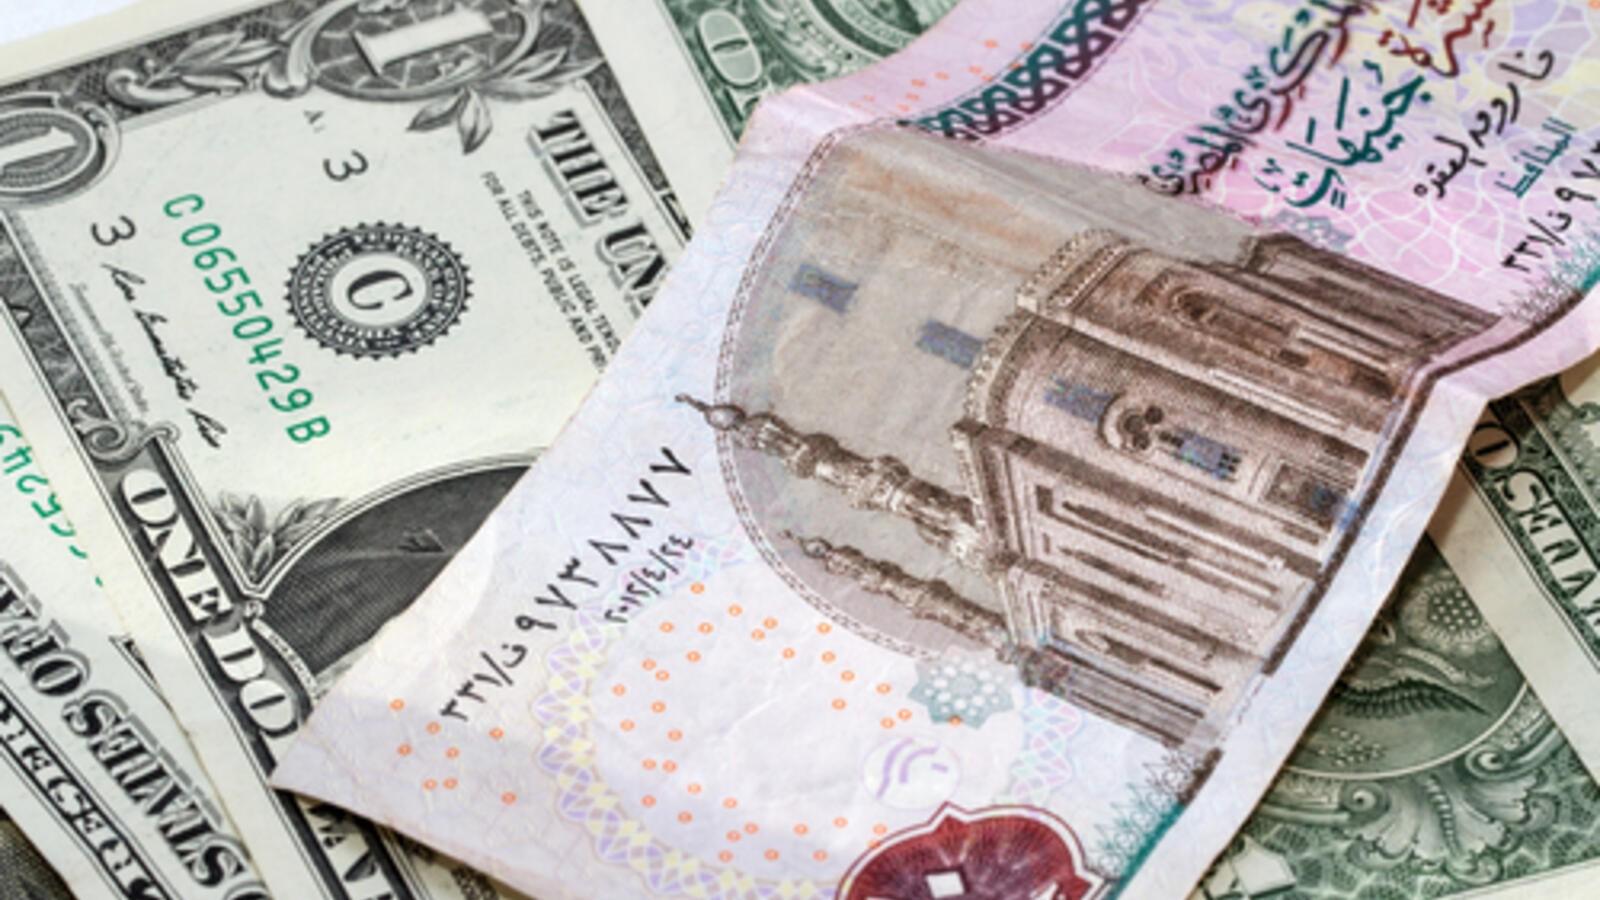 سعر الدولار مقابل الجنيه المصري اليوم البيان